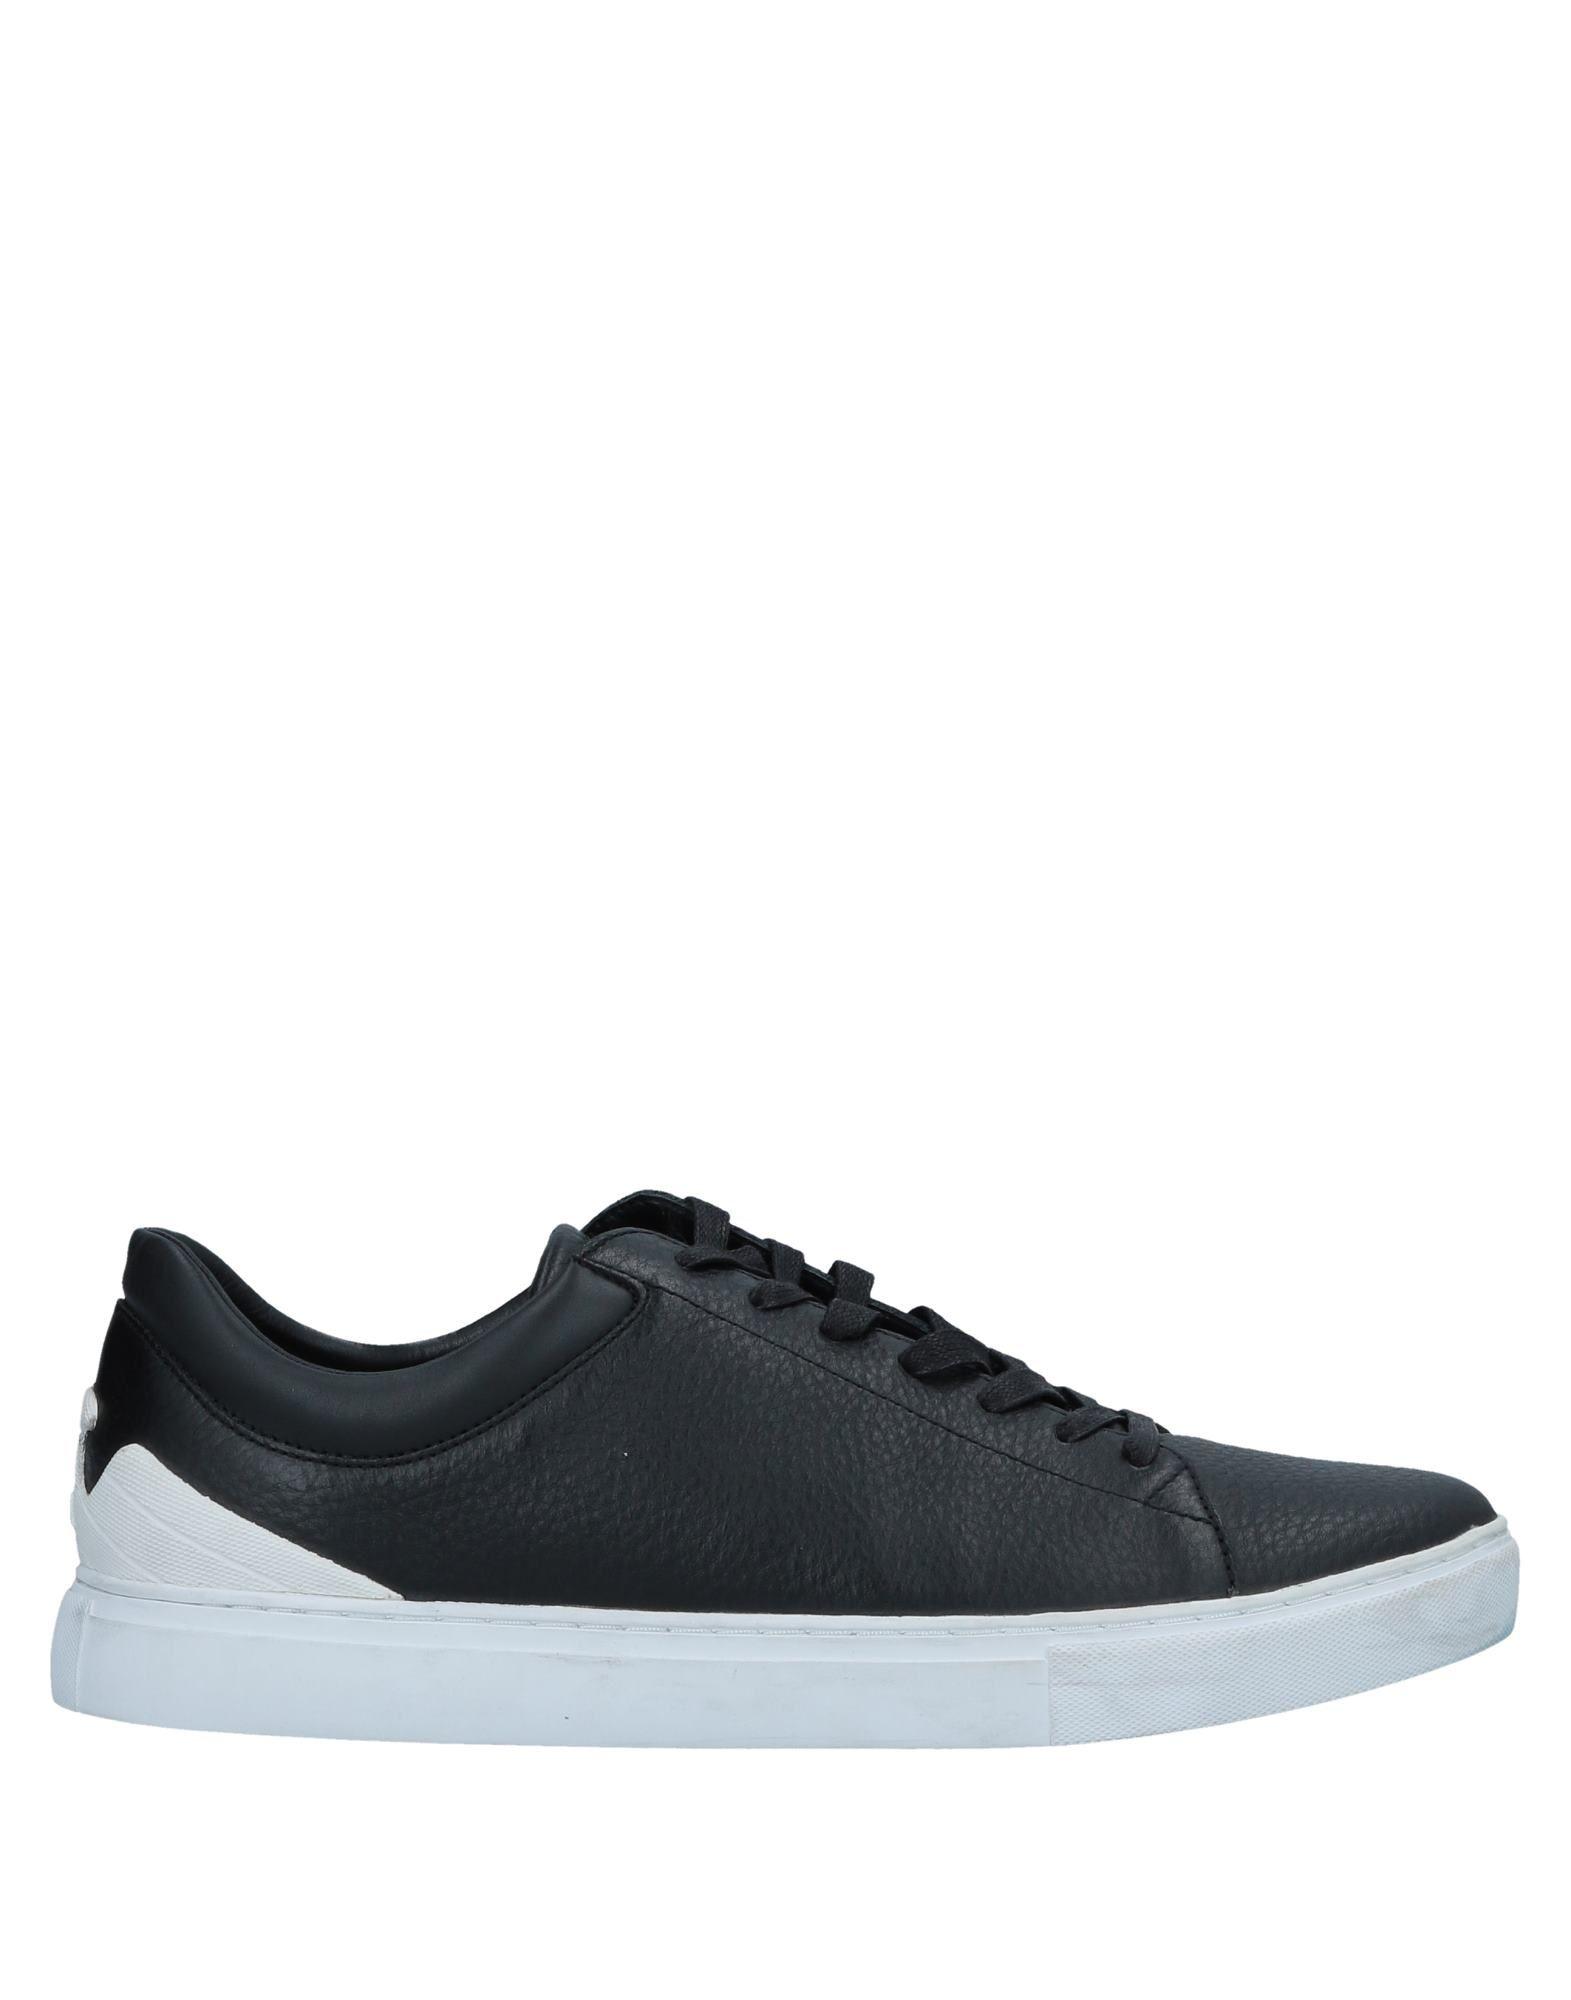 Baskets Emporio Armani Homme - Baskets Emporio Armani  Noir Les chaussures les plus populaires pour les hommes et les femmes